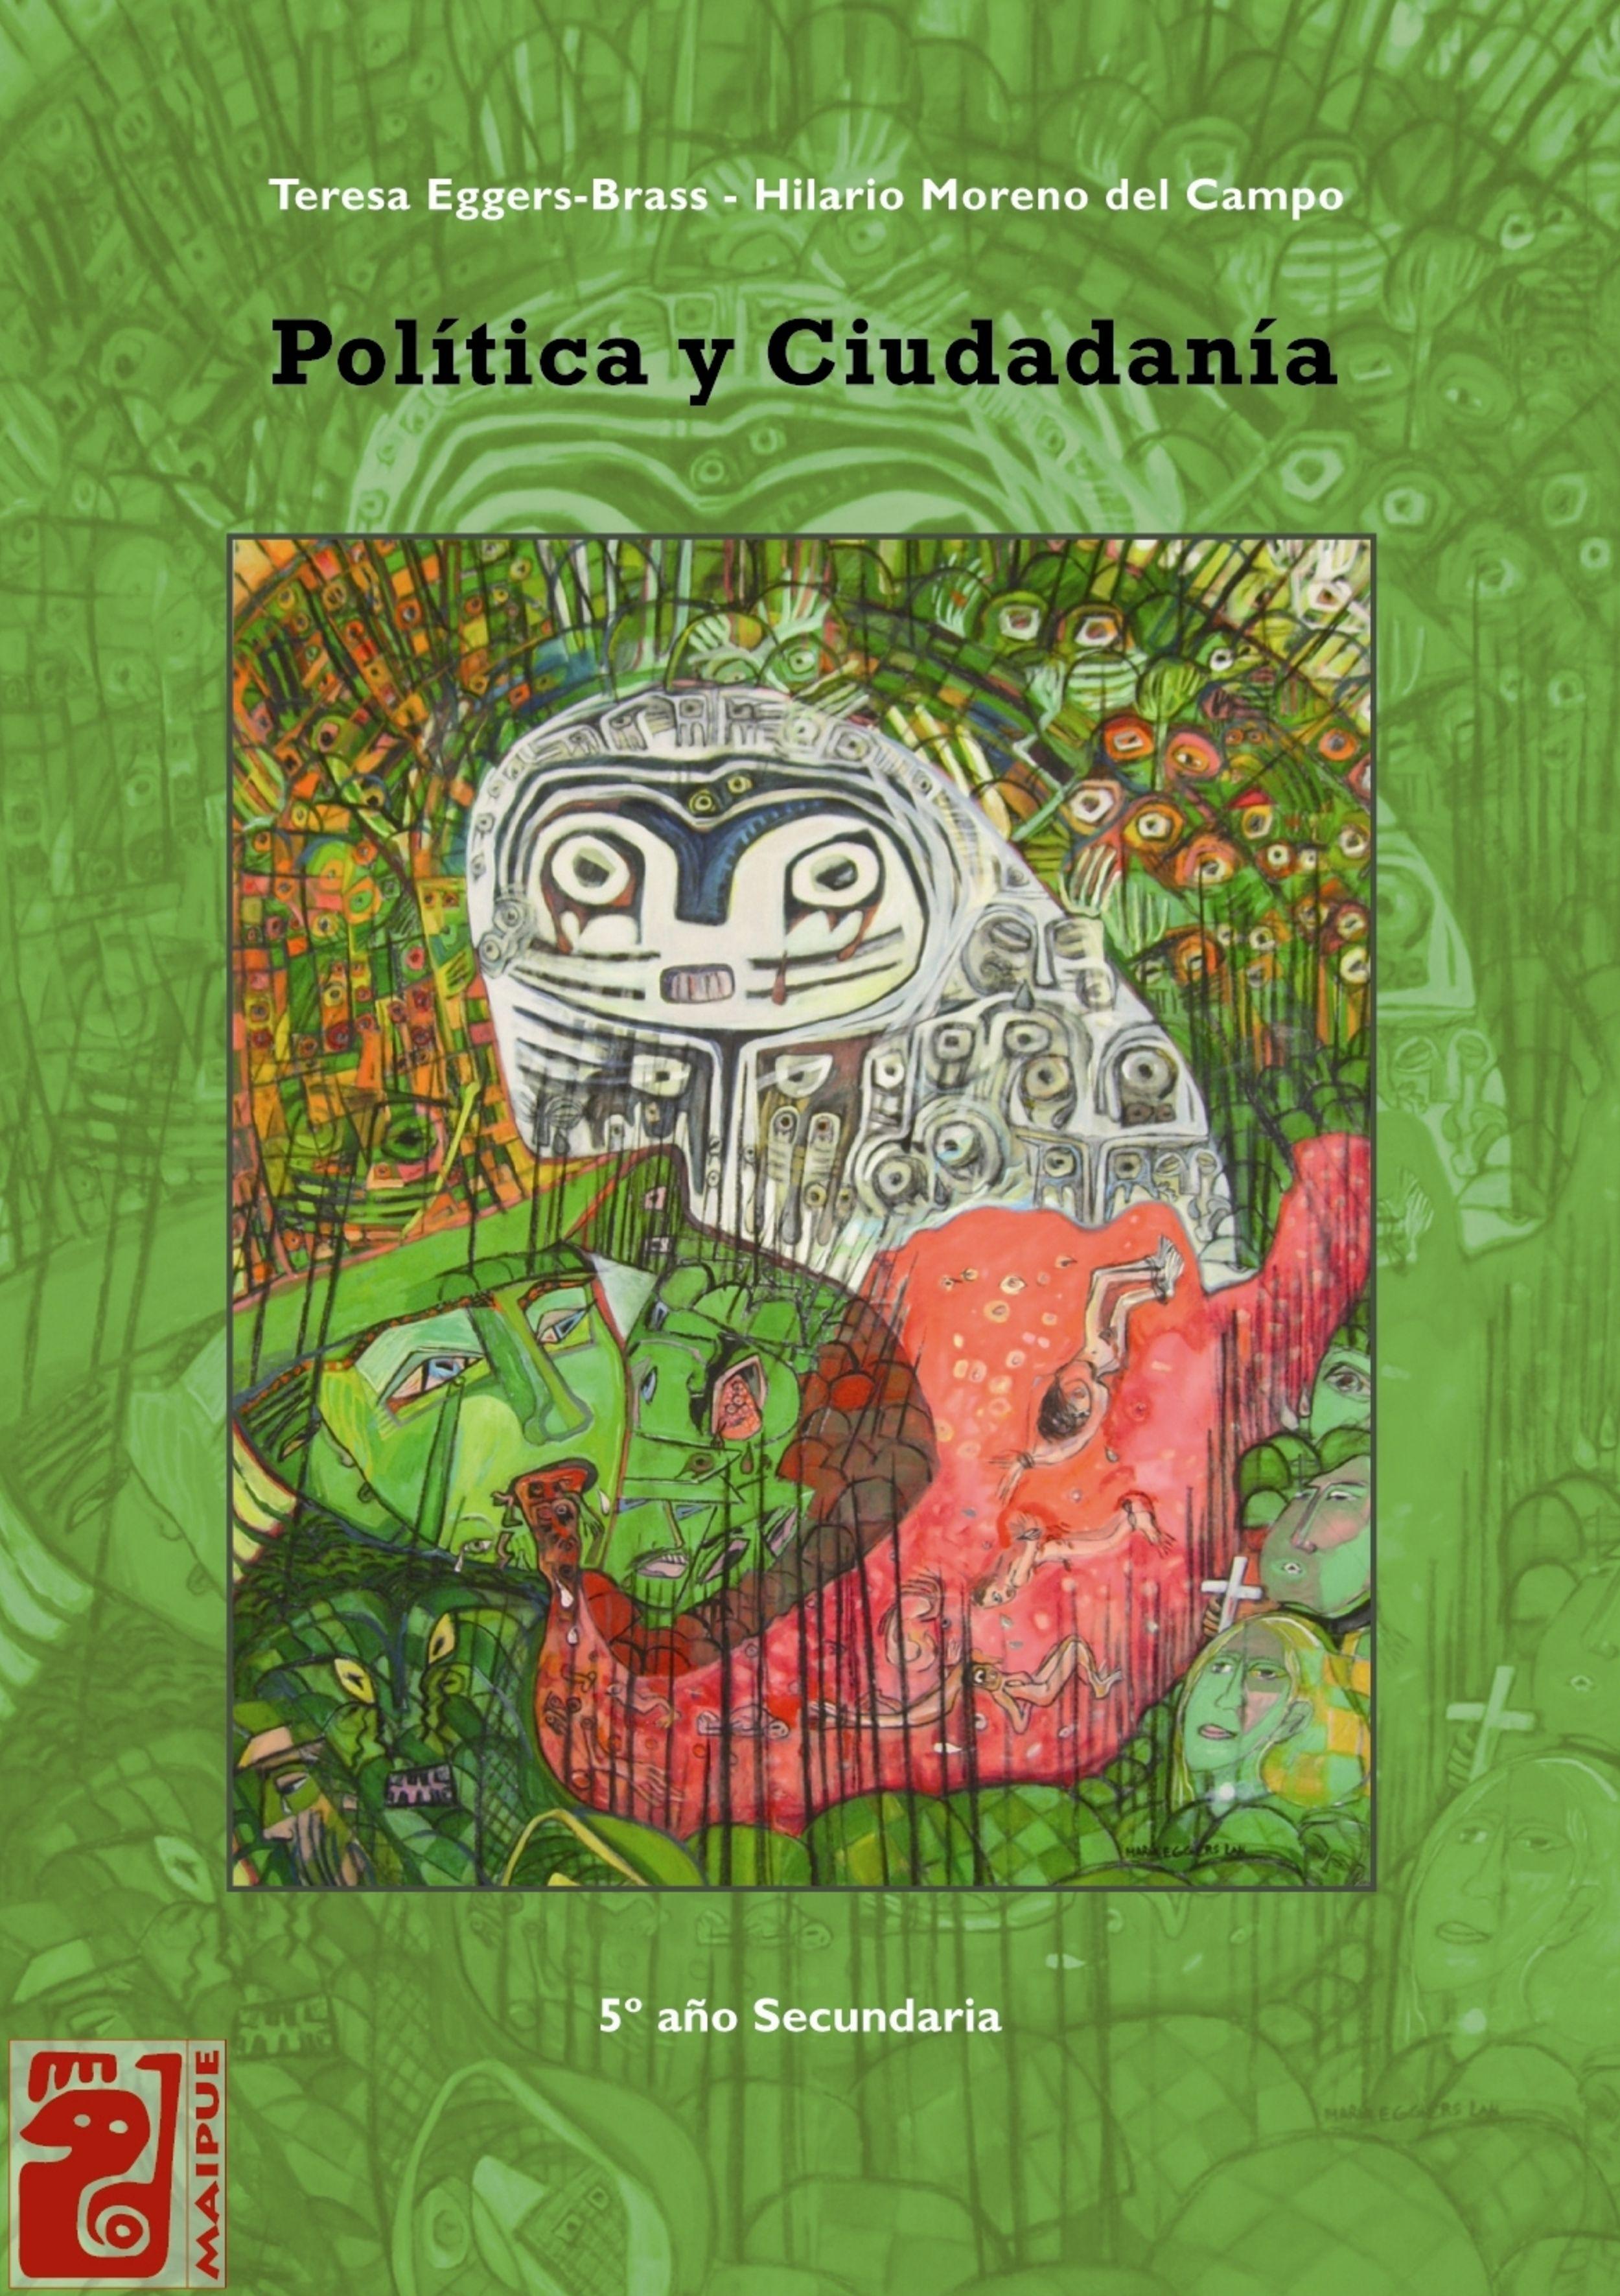 Politica y ciudadanía